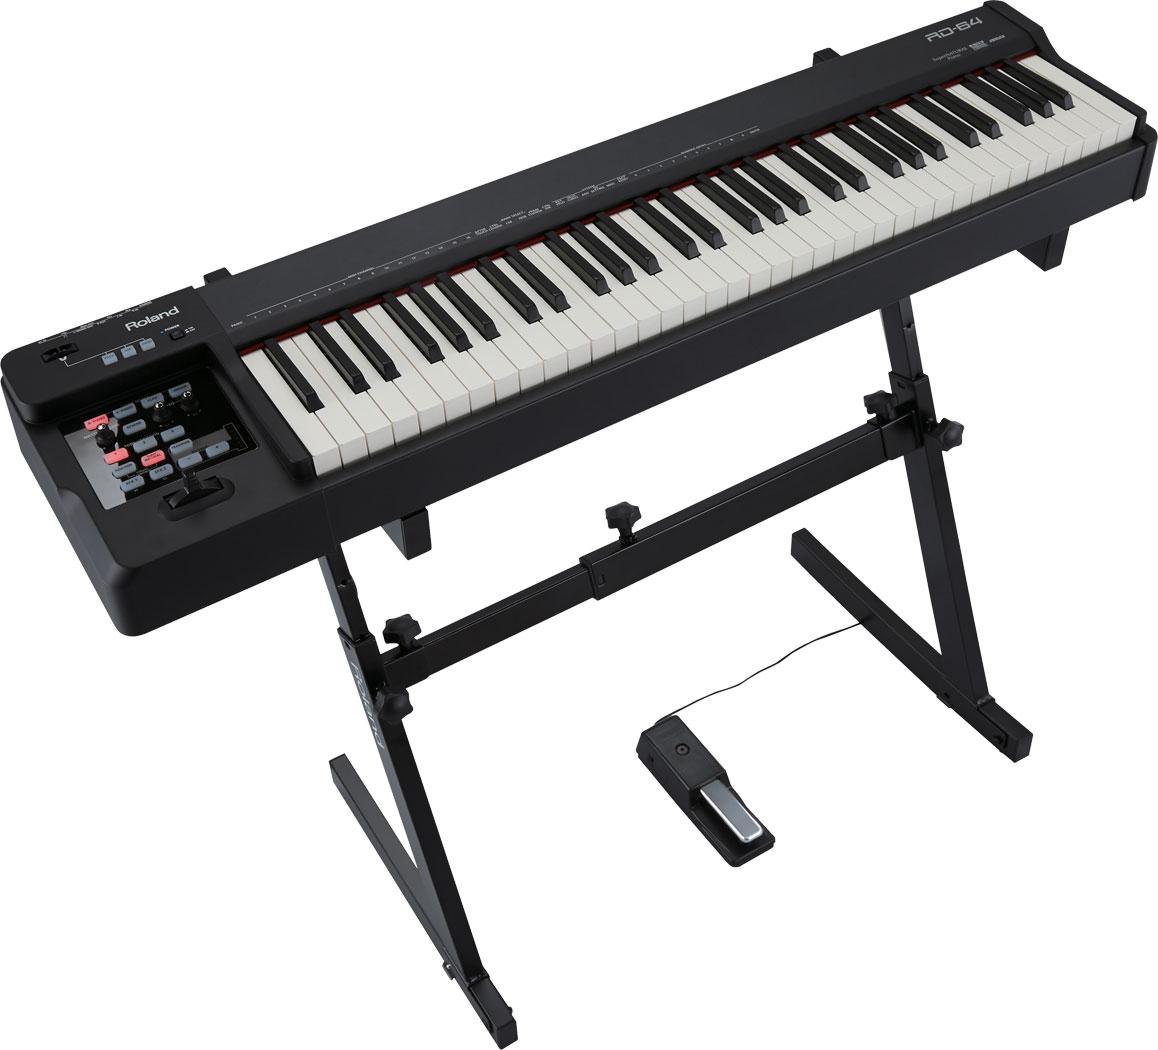 罗兰 Roland RD-64 电钢琴  舞台电钢琴